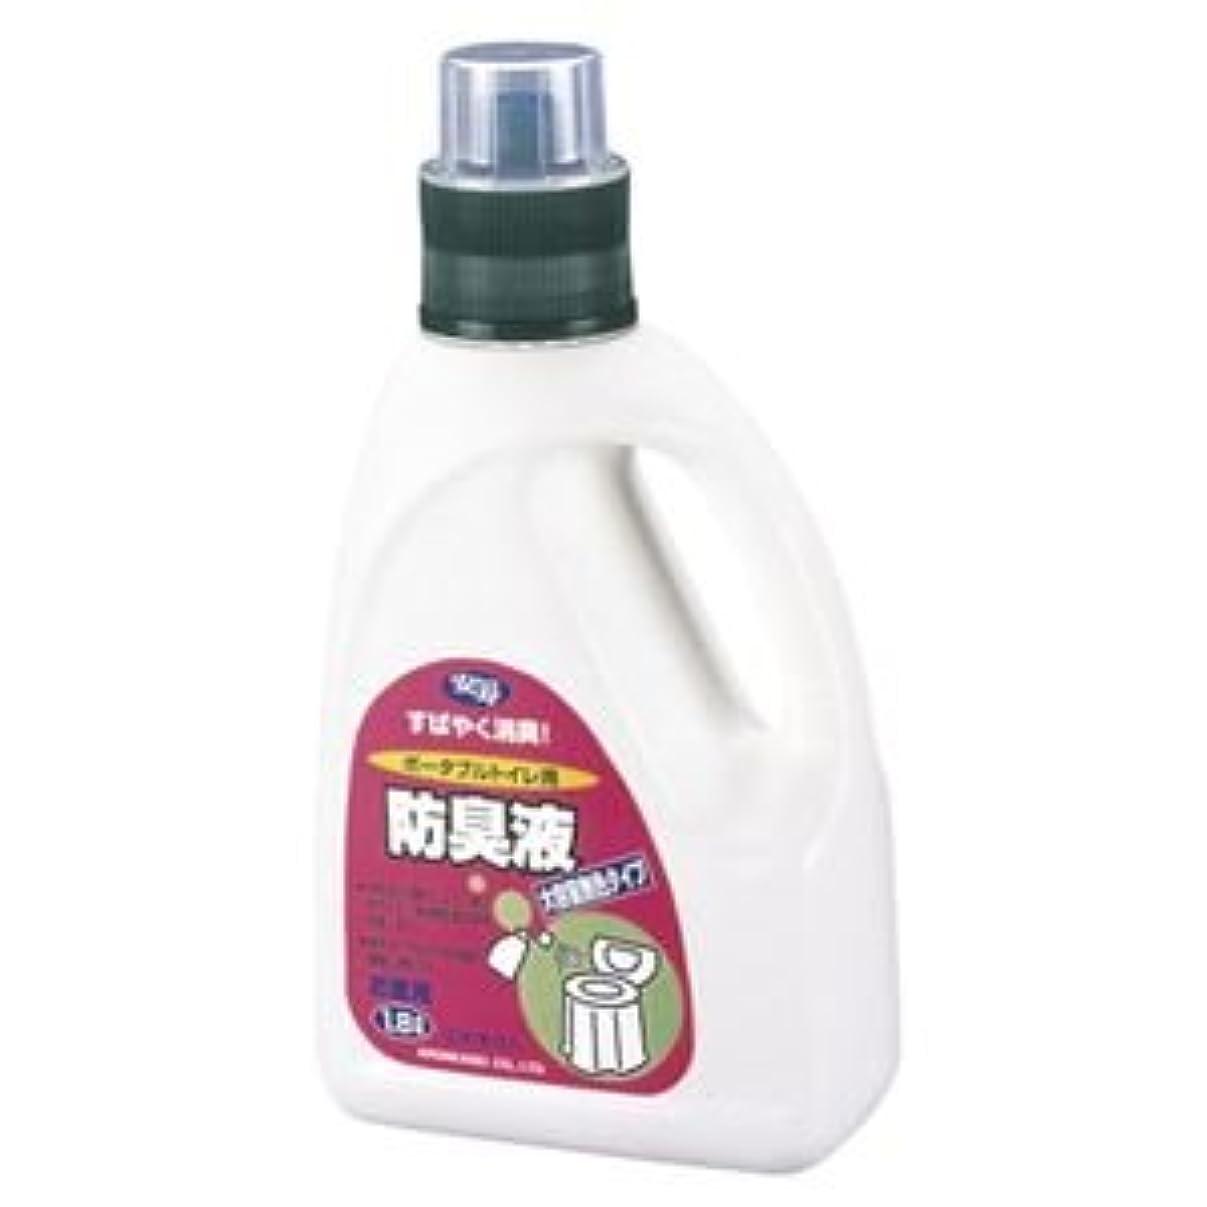 偽物びん安価なアロン化成 ポータブルトイレ用防臭液 大容量無色 ds-1915713